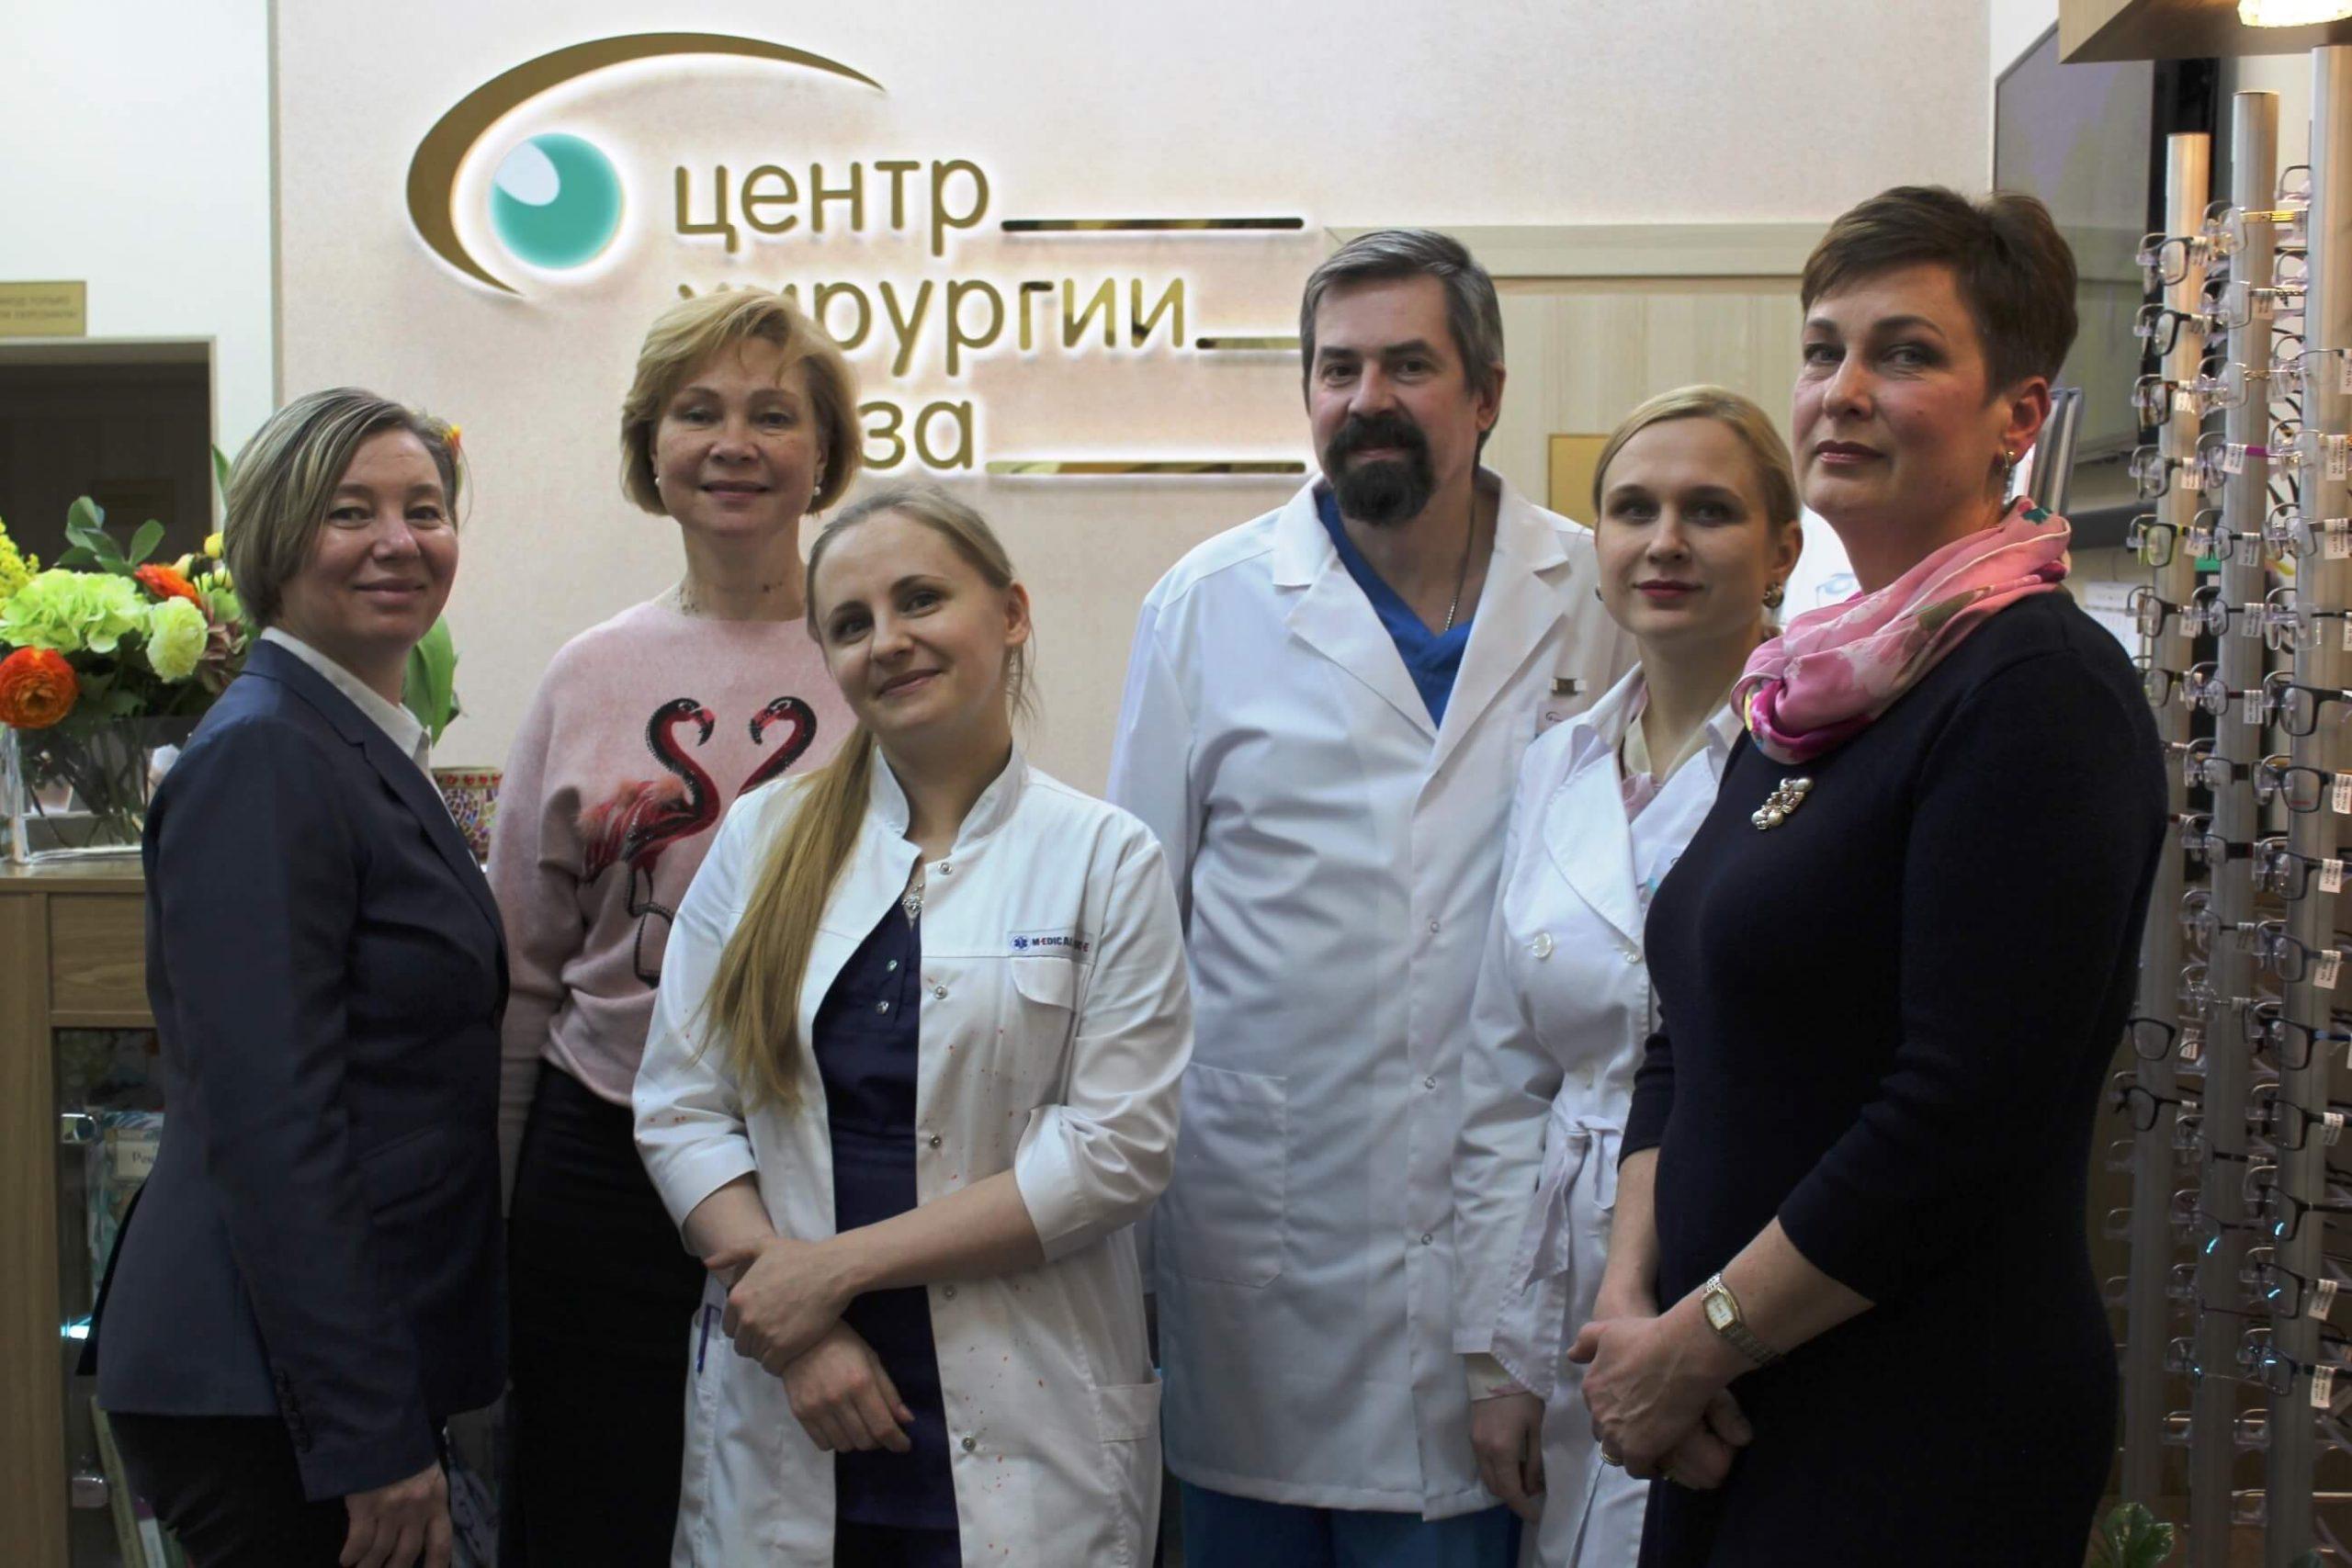 Центр Хирургии Глаза: офтальмологическая клиника в Москве